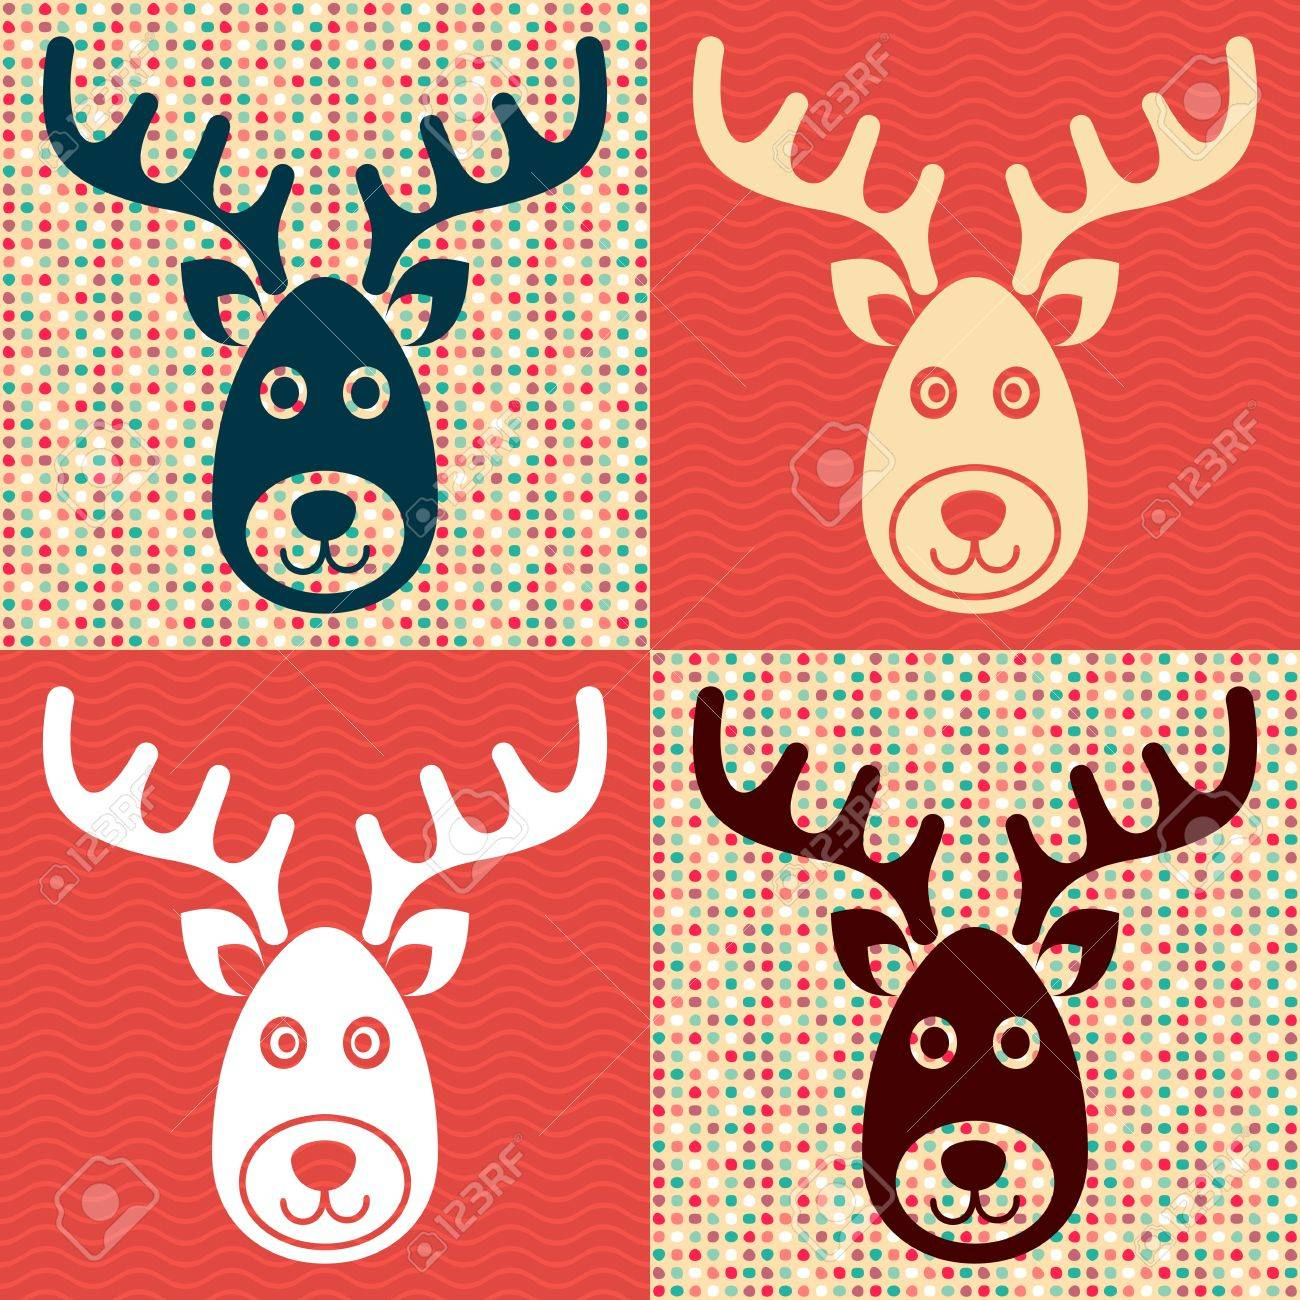 Sfondi Natalizi Renne.Vettoriale Vector Renne Faccia Icone Di Natale Su Sfondi Retro